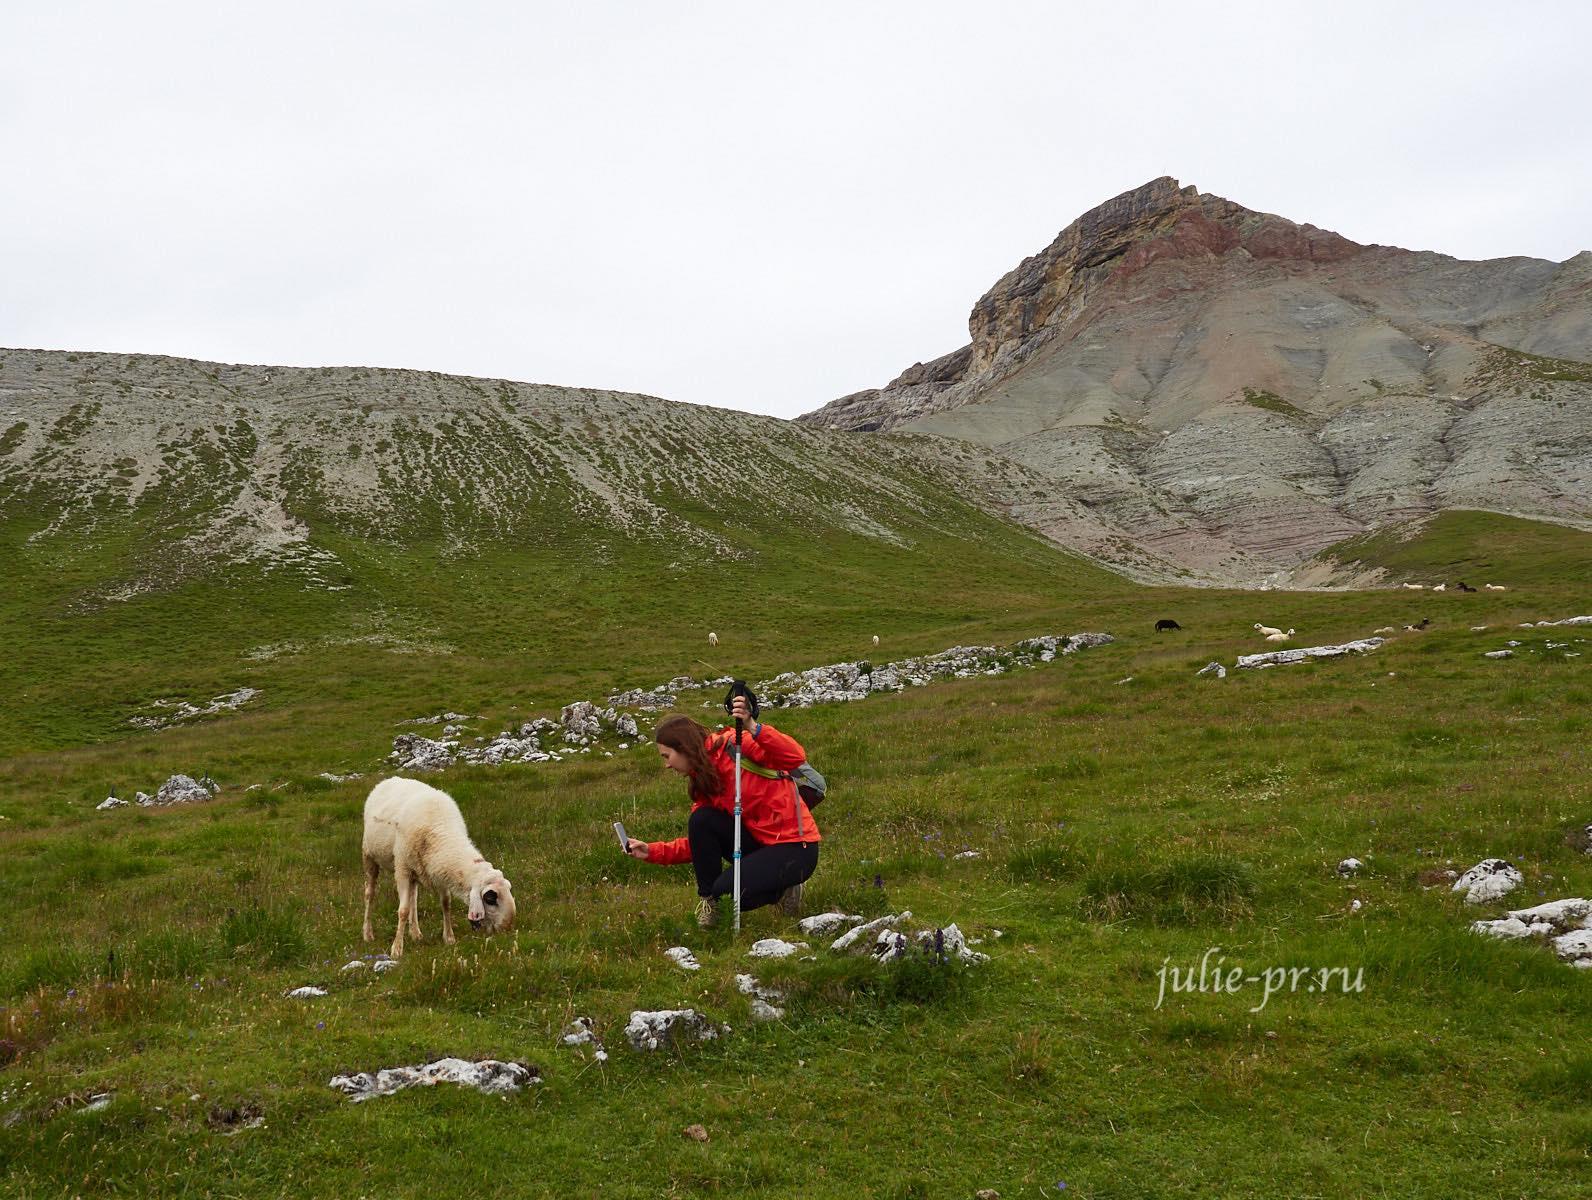 Италия, Альпы, Доломиты, Овцы